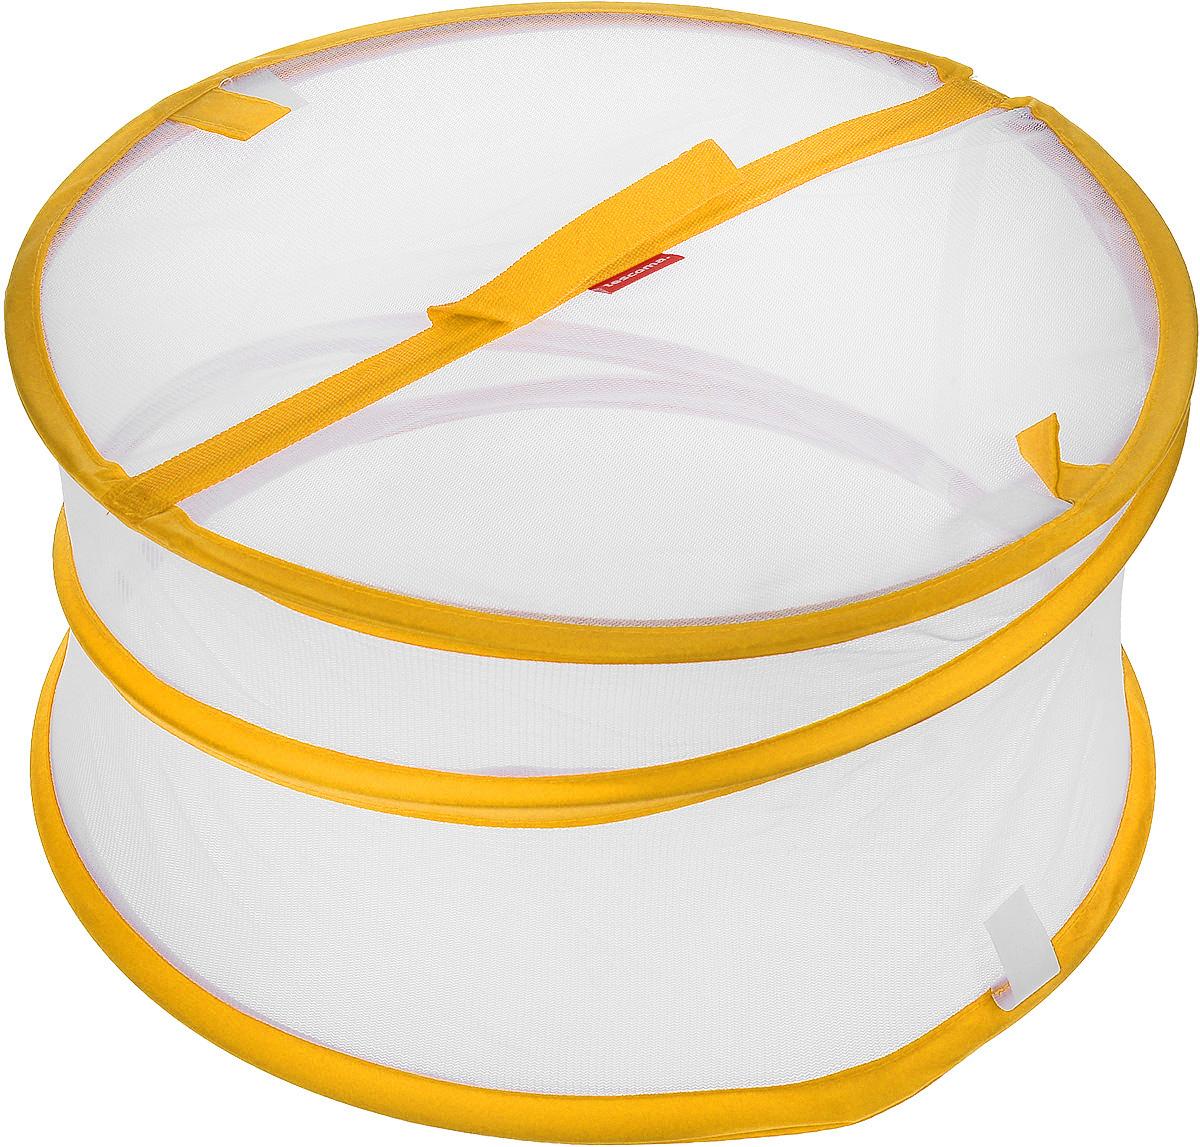 Крышка для пищевых продуктов Tescoma Delicia, складная, цвет: белый, оранжевый, диаметр 35 см630852_оранжевыйКрышка для пищевых продуктов Tescoma Delicia защитит еду от пыли и насекомых дома и на открытом воздухе. Крышка изготовлена из сетчатого текстиля и оснащена гибким металлическим каркасом. Просто составьте посуду с едой и накройте ее крышкой. Для легкого доступа изделие снабжено откидным верхом на липучке. Крышка легко складывается и раскладывается, при хранении занимает минимум пространства. Высота в разложенном виде: 20 см. Высота в сложенном виде: 1 см.